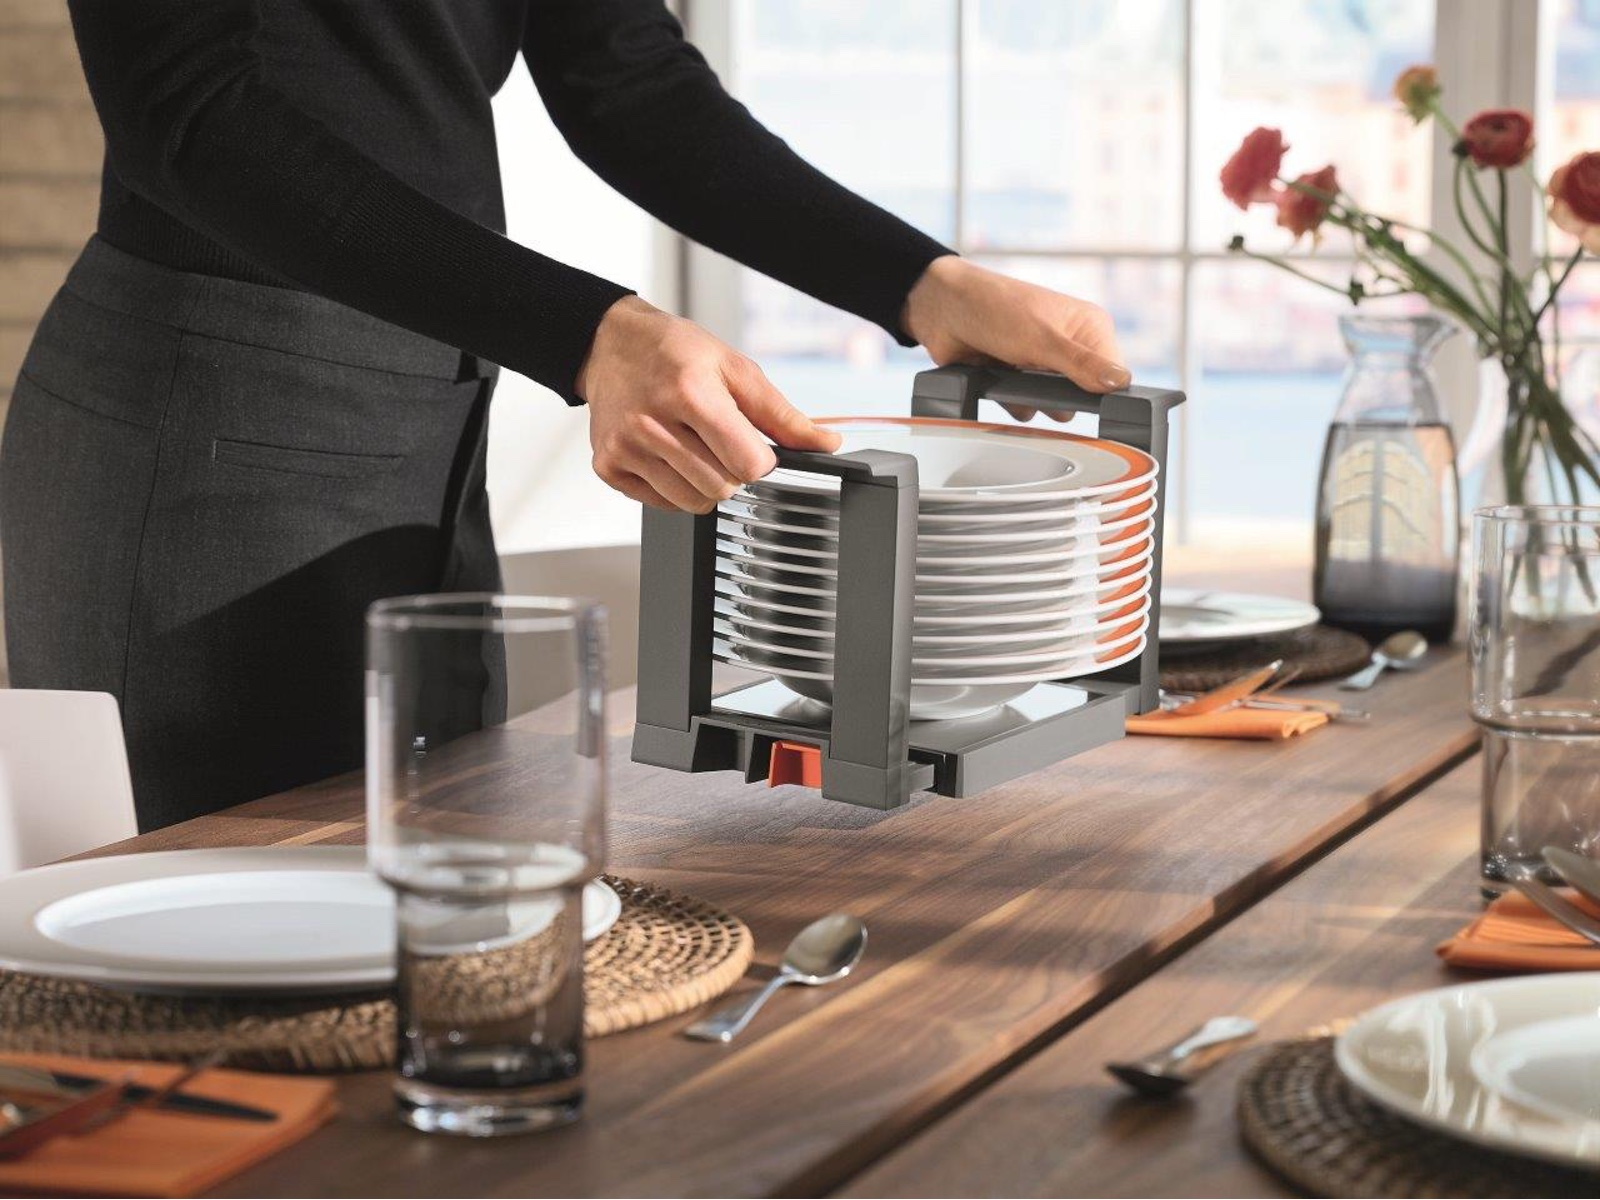 Keukenlade Accessoires : Keurige keukenlade indelingen